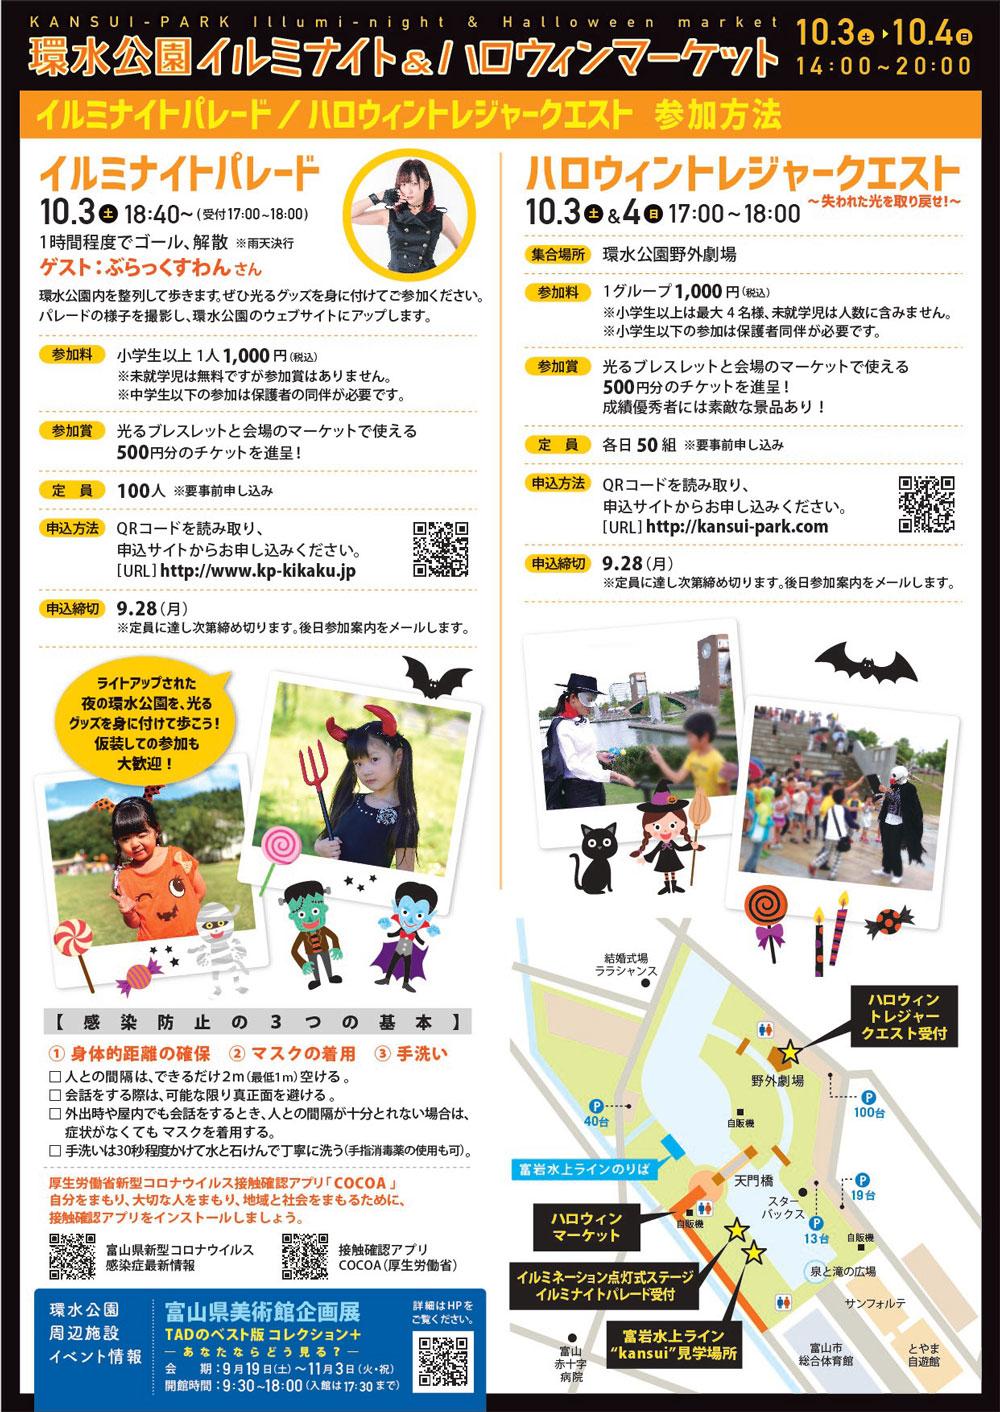 【環水公園イルミナイト&ハロウィンマーケット2020】のイベント内容